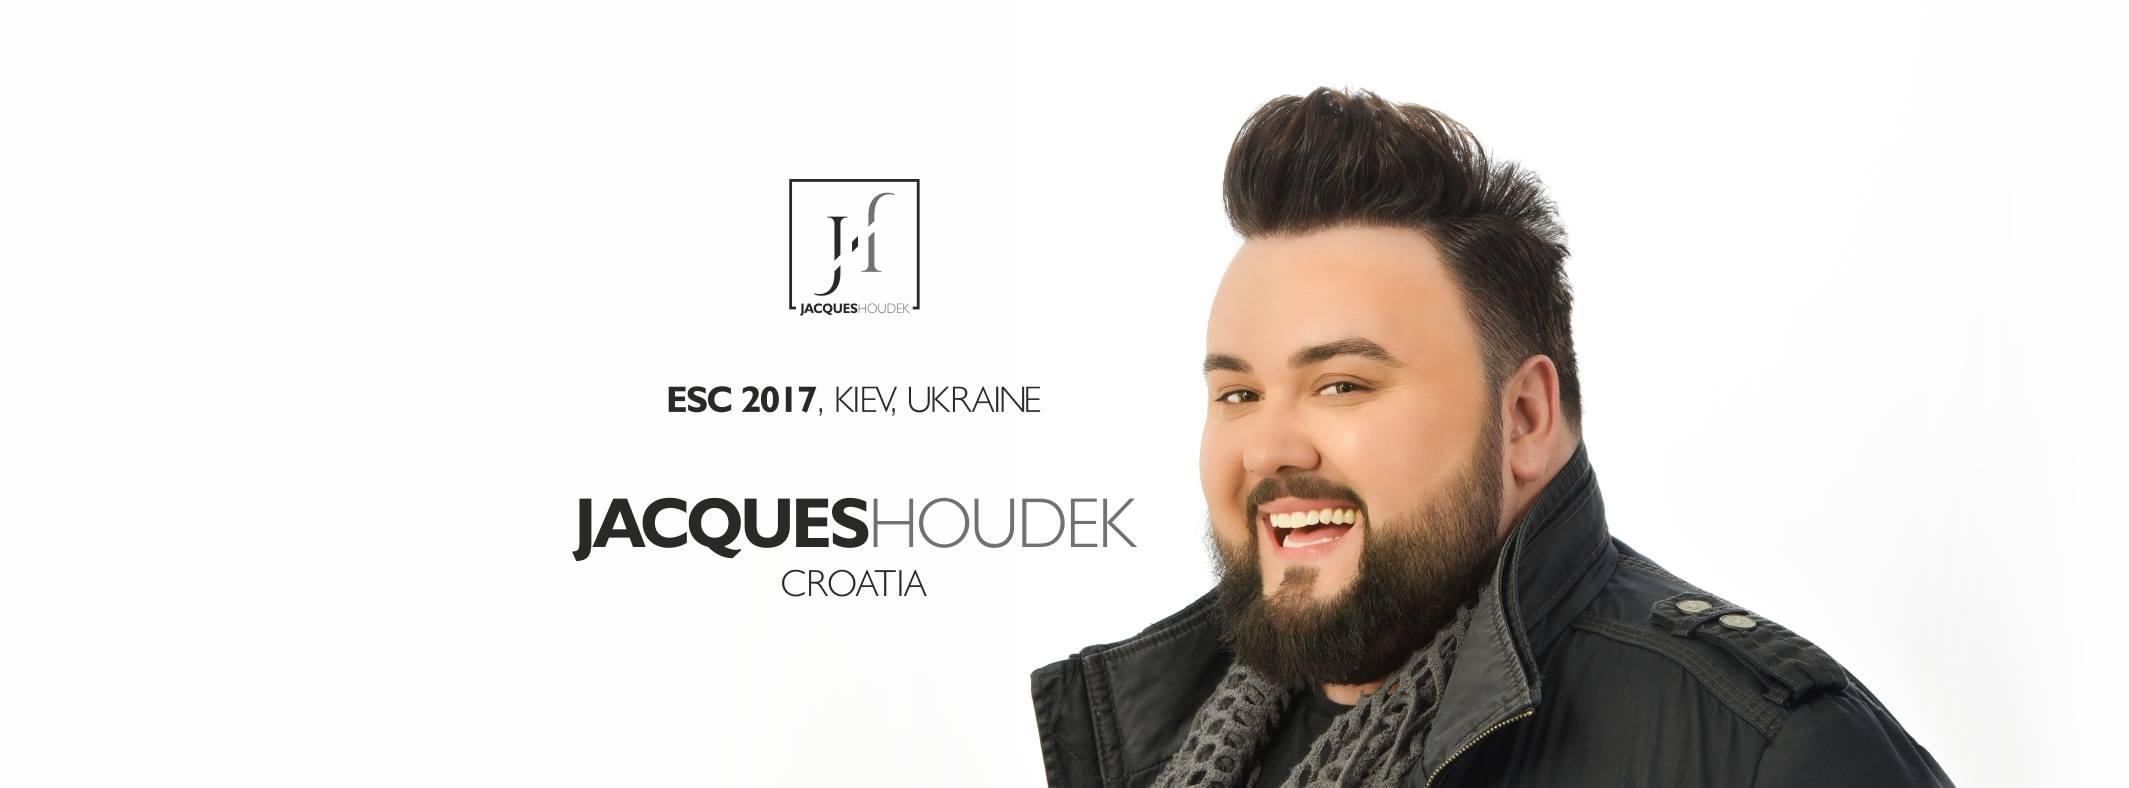 Jacques Houdek predstavlja RH na natjecanju za pjesmu Eurovizije u Ukrajini